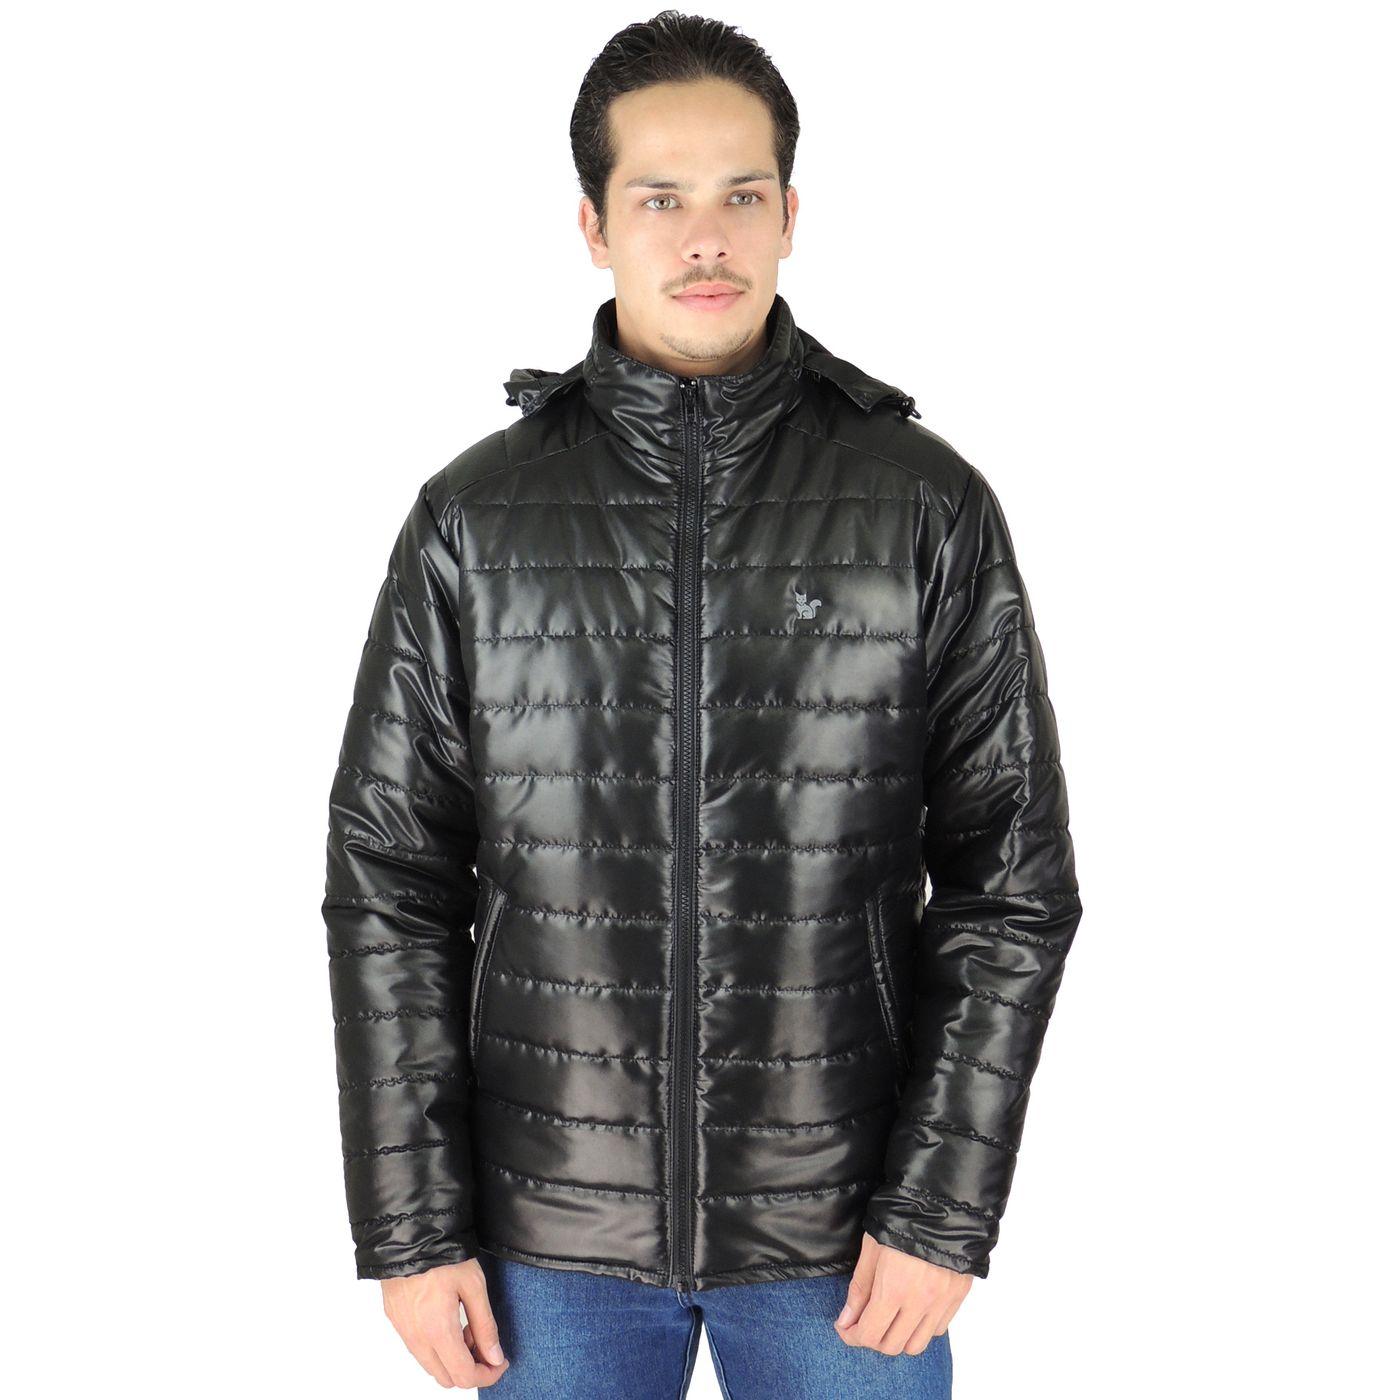 Casaco térmico masculino impermeável para o frio intenso e neve Alaska -  fieroshop 252cbd6ebd1